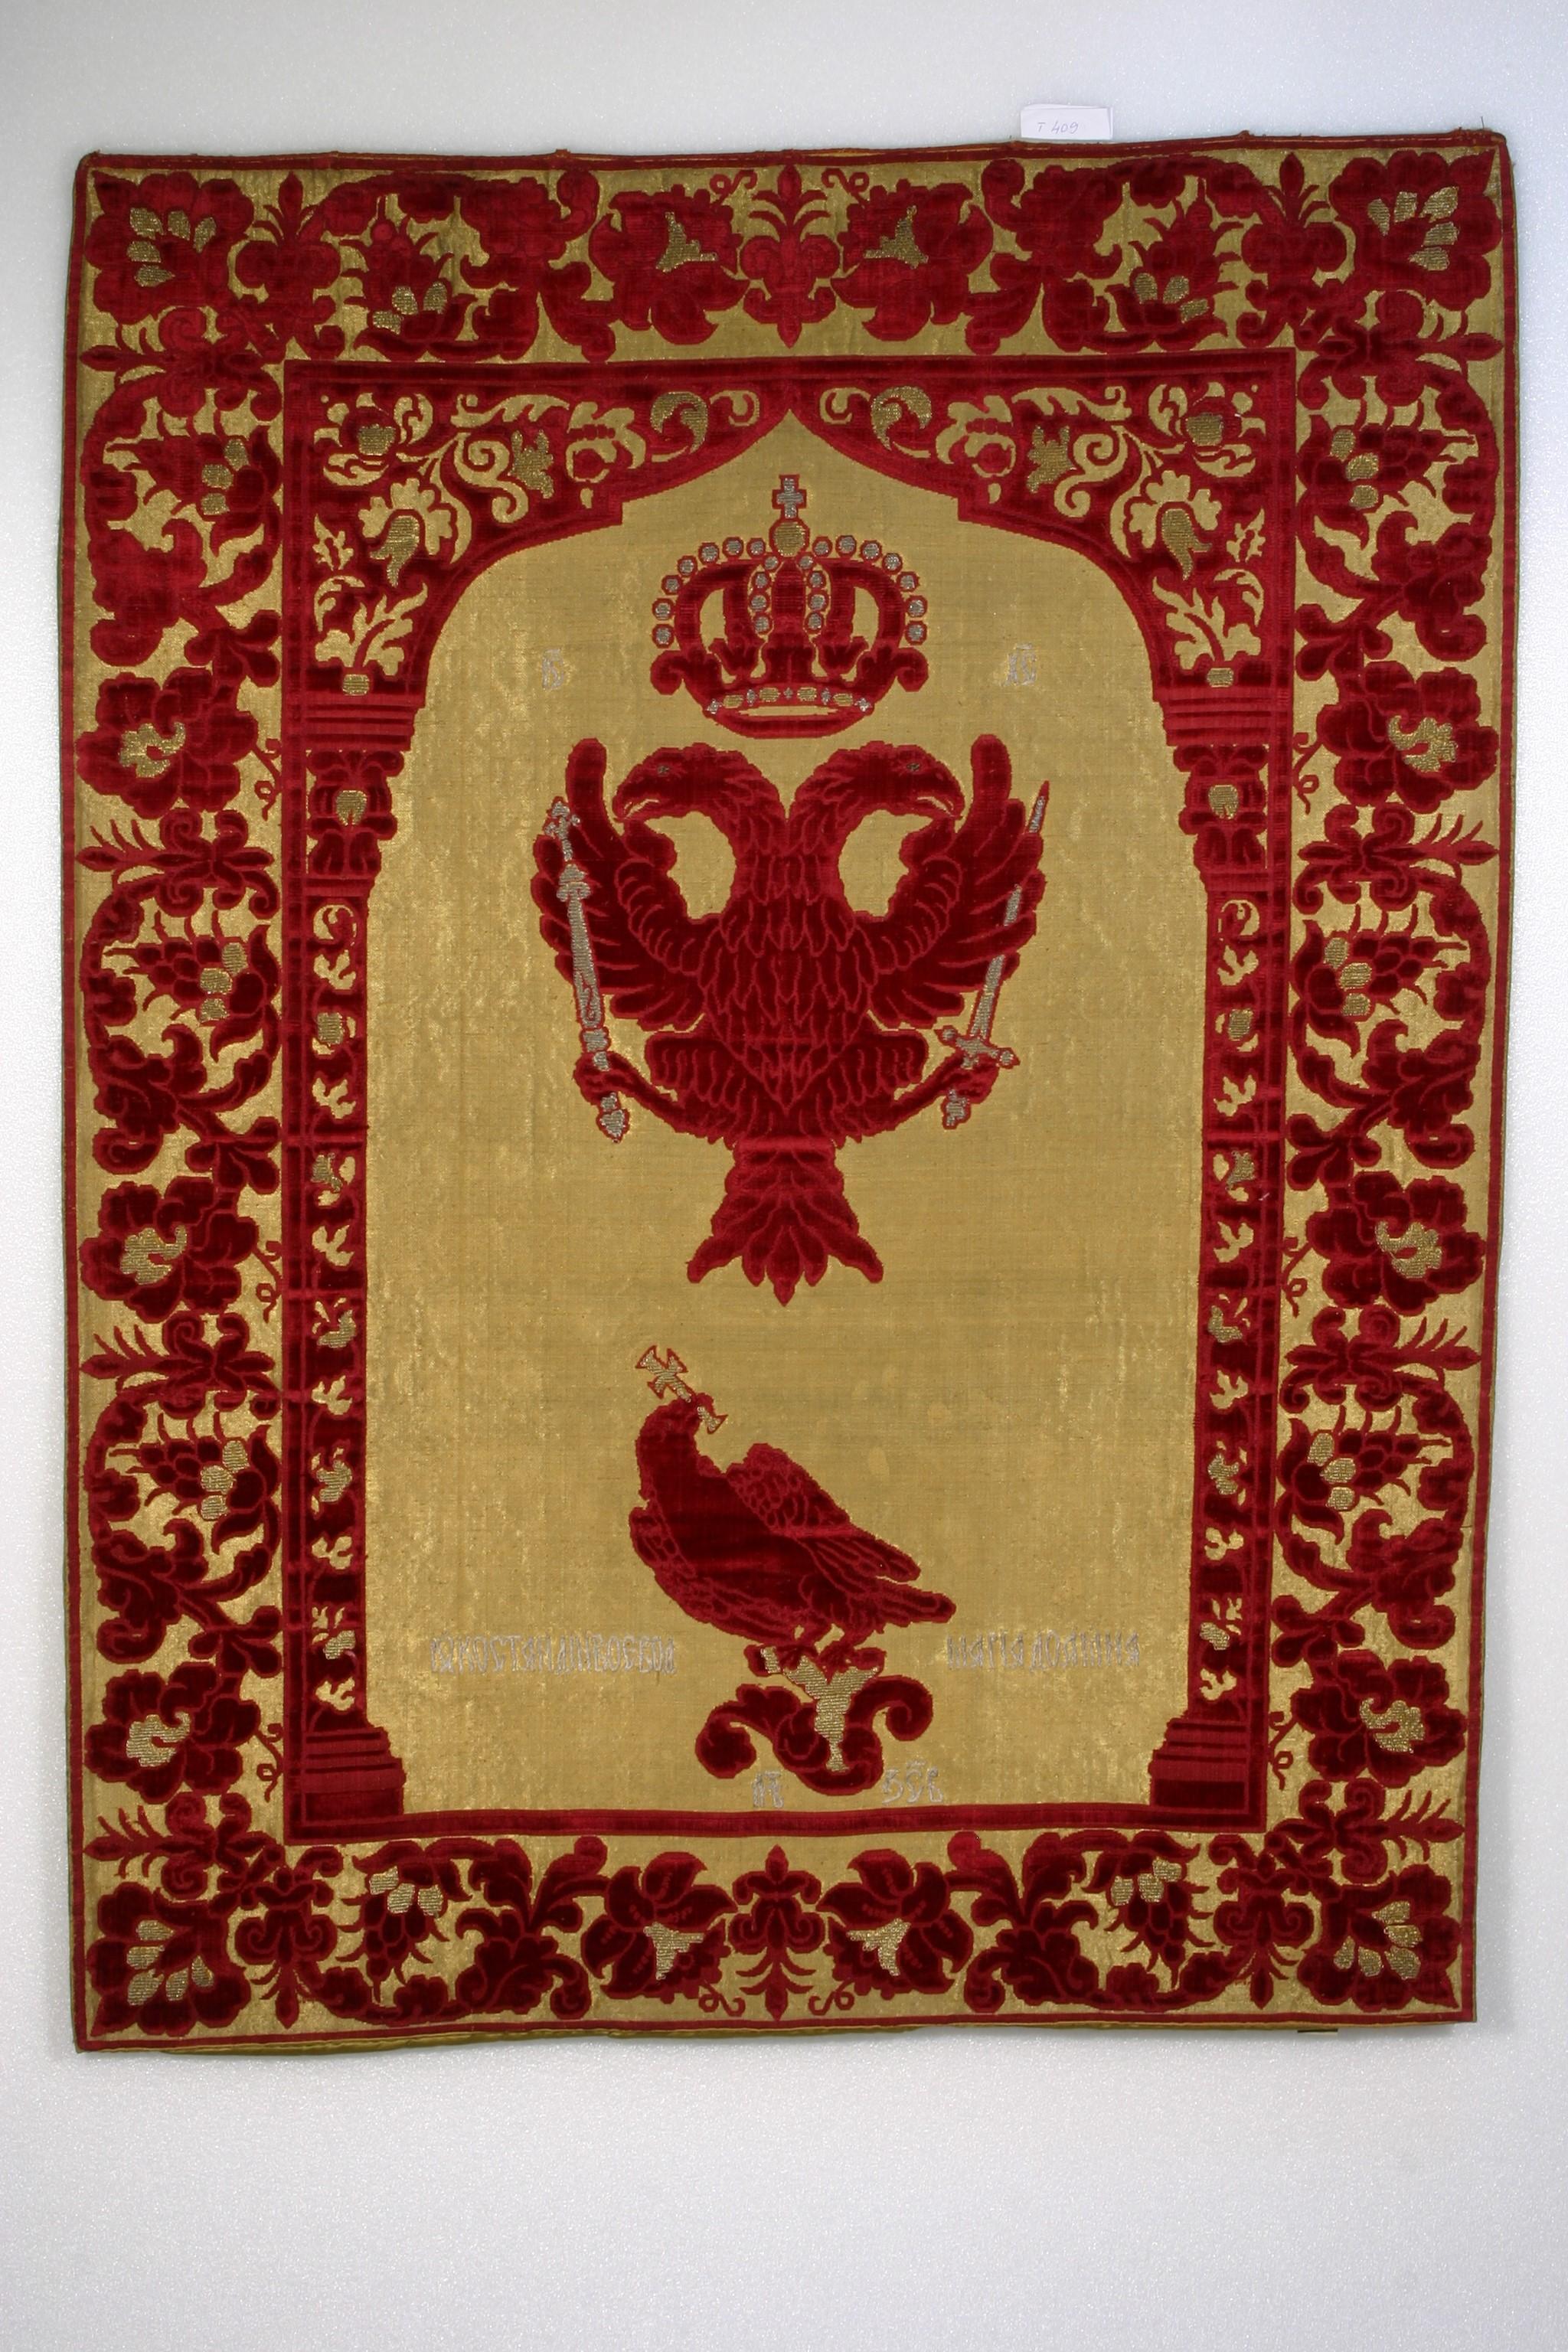 Poală de icoană - Muzeul Naţional de Artă al României - BUCUREŞTI (Patrimoniul Cultural National Mobil din Romania. Ordin de clasare: 2029/26.01.2015 - Tezaur)